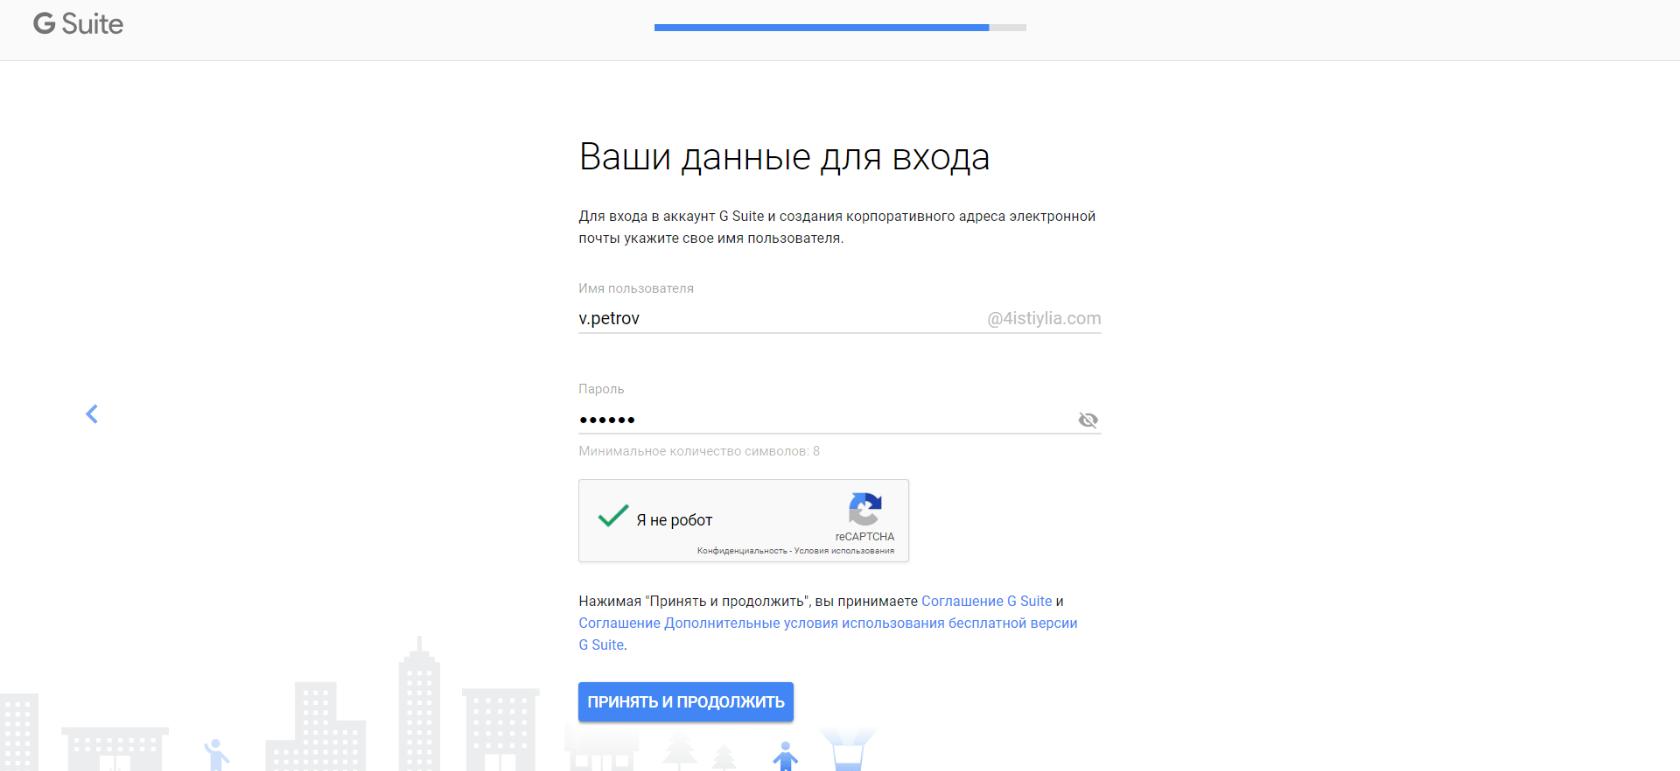 Как создать свою почту электронную своим хостингом бесплатный сайт бесплатный хостинг бесплатное доменное имя